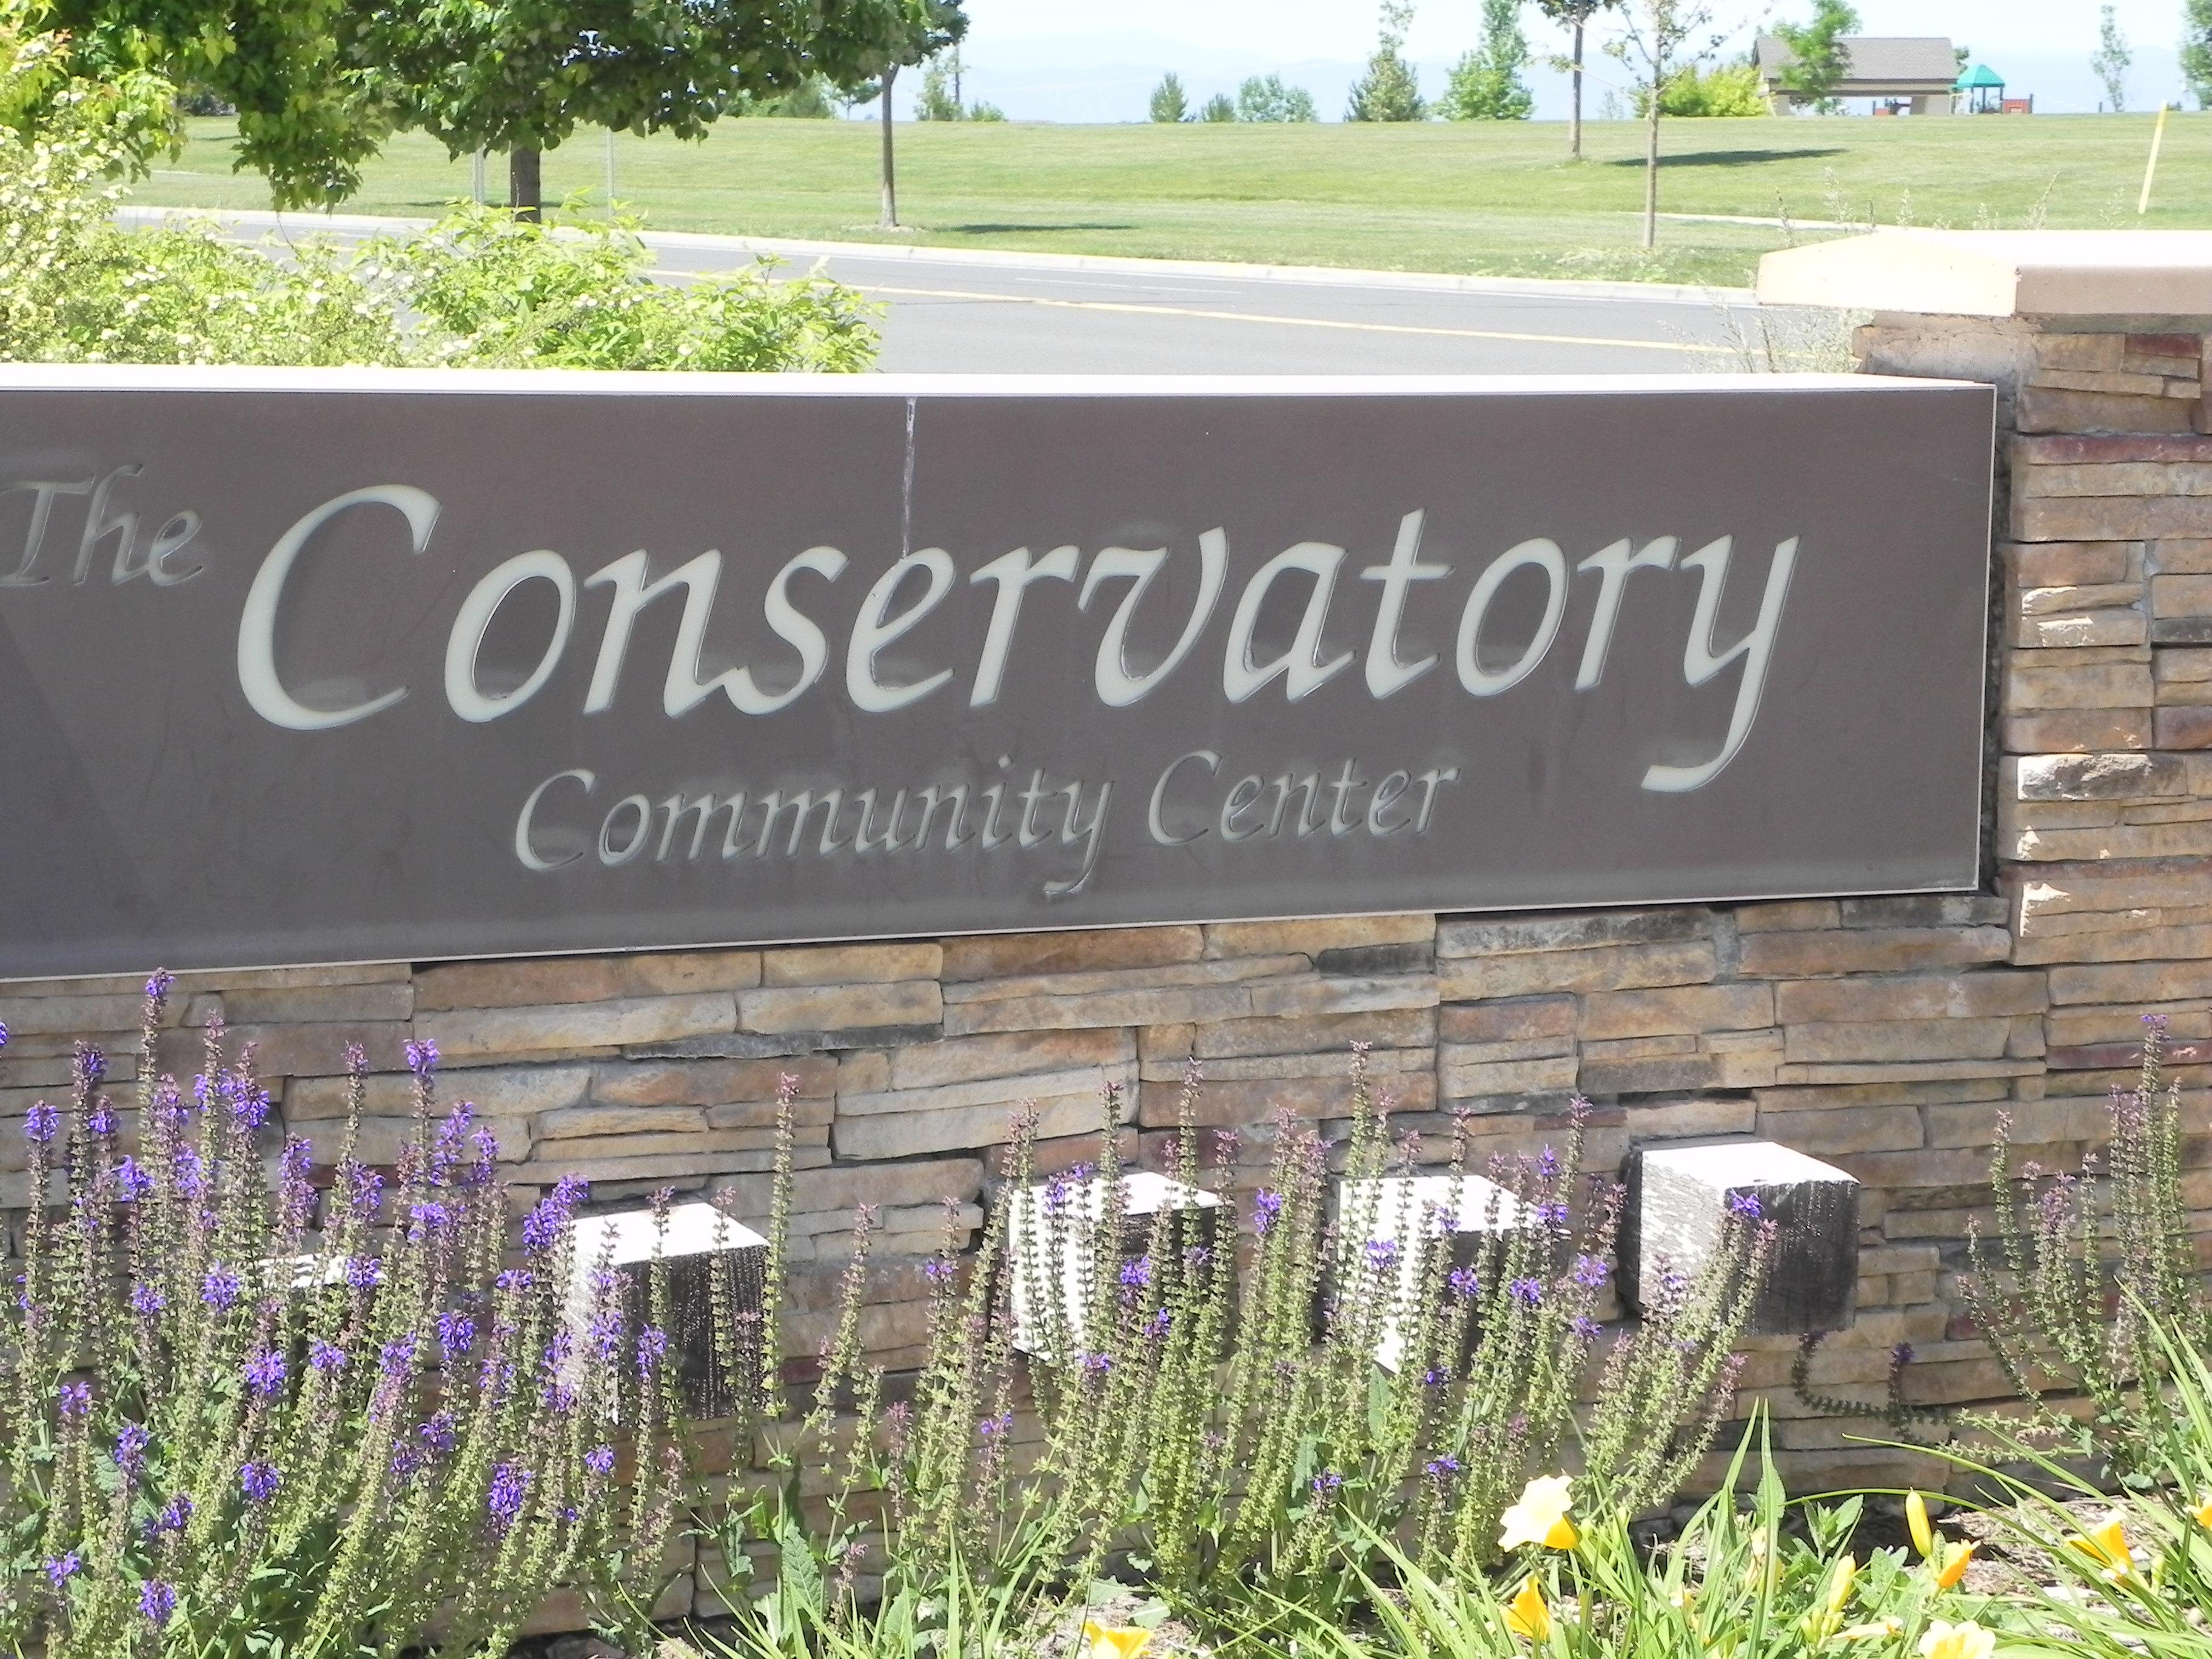 Neighborhood of Conservatory